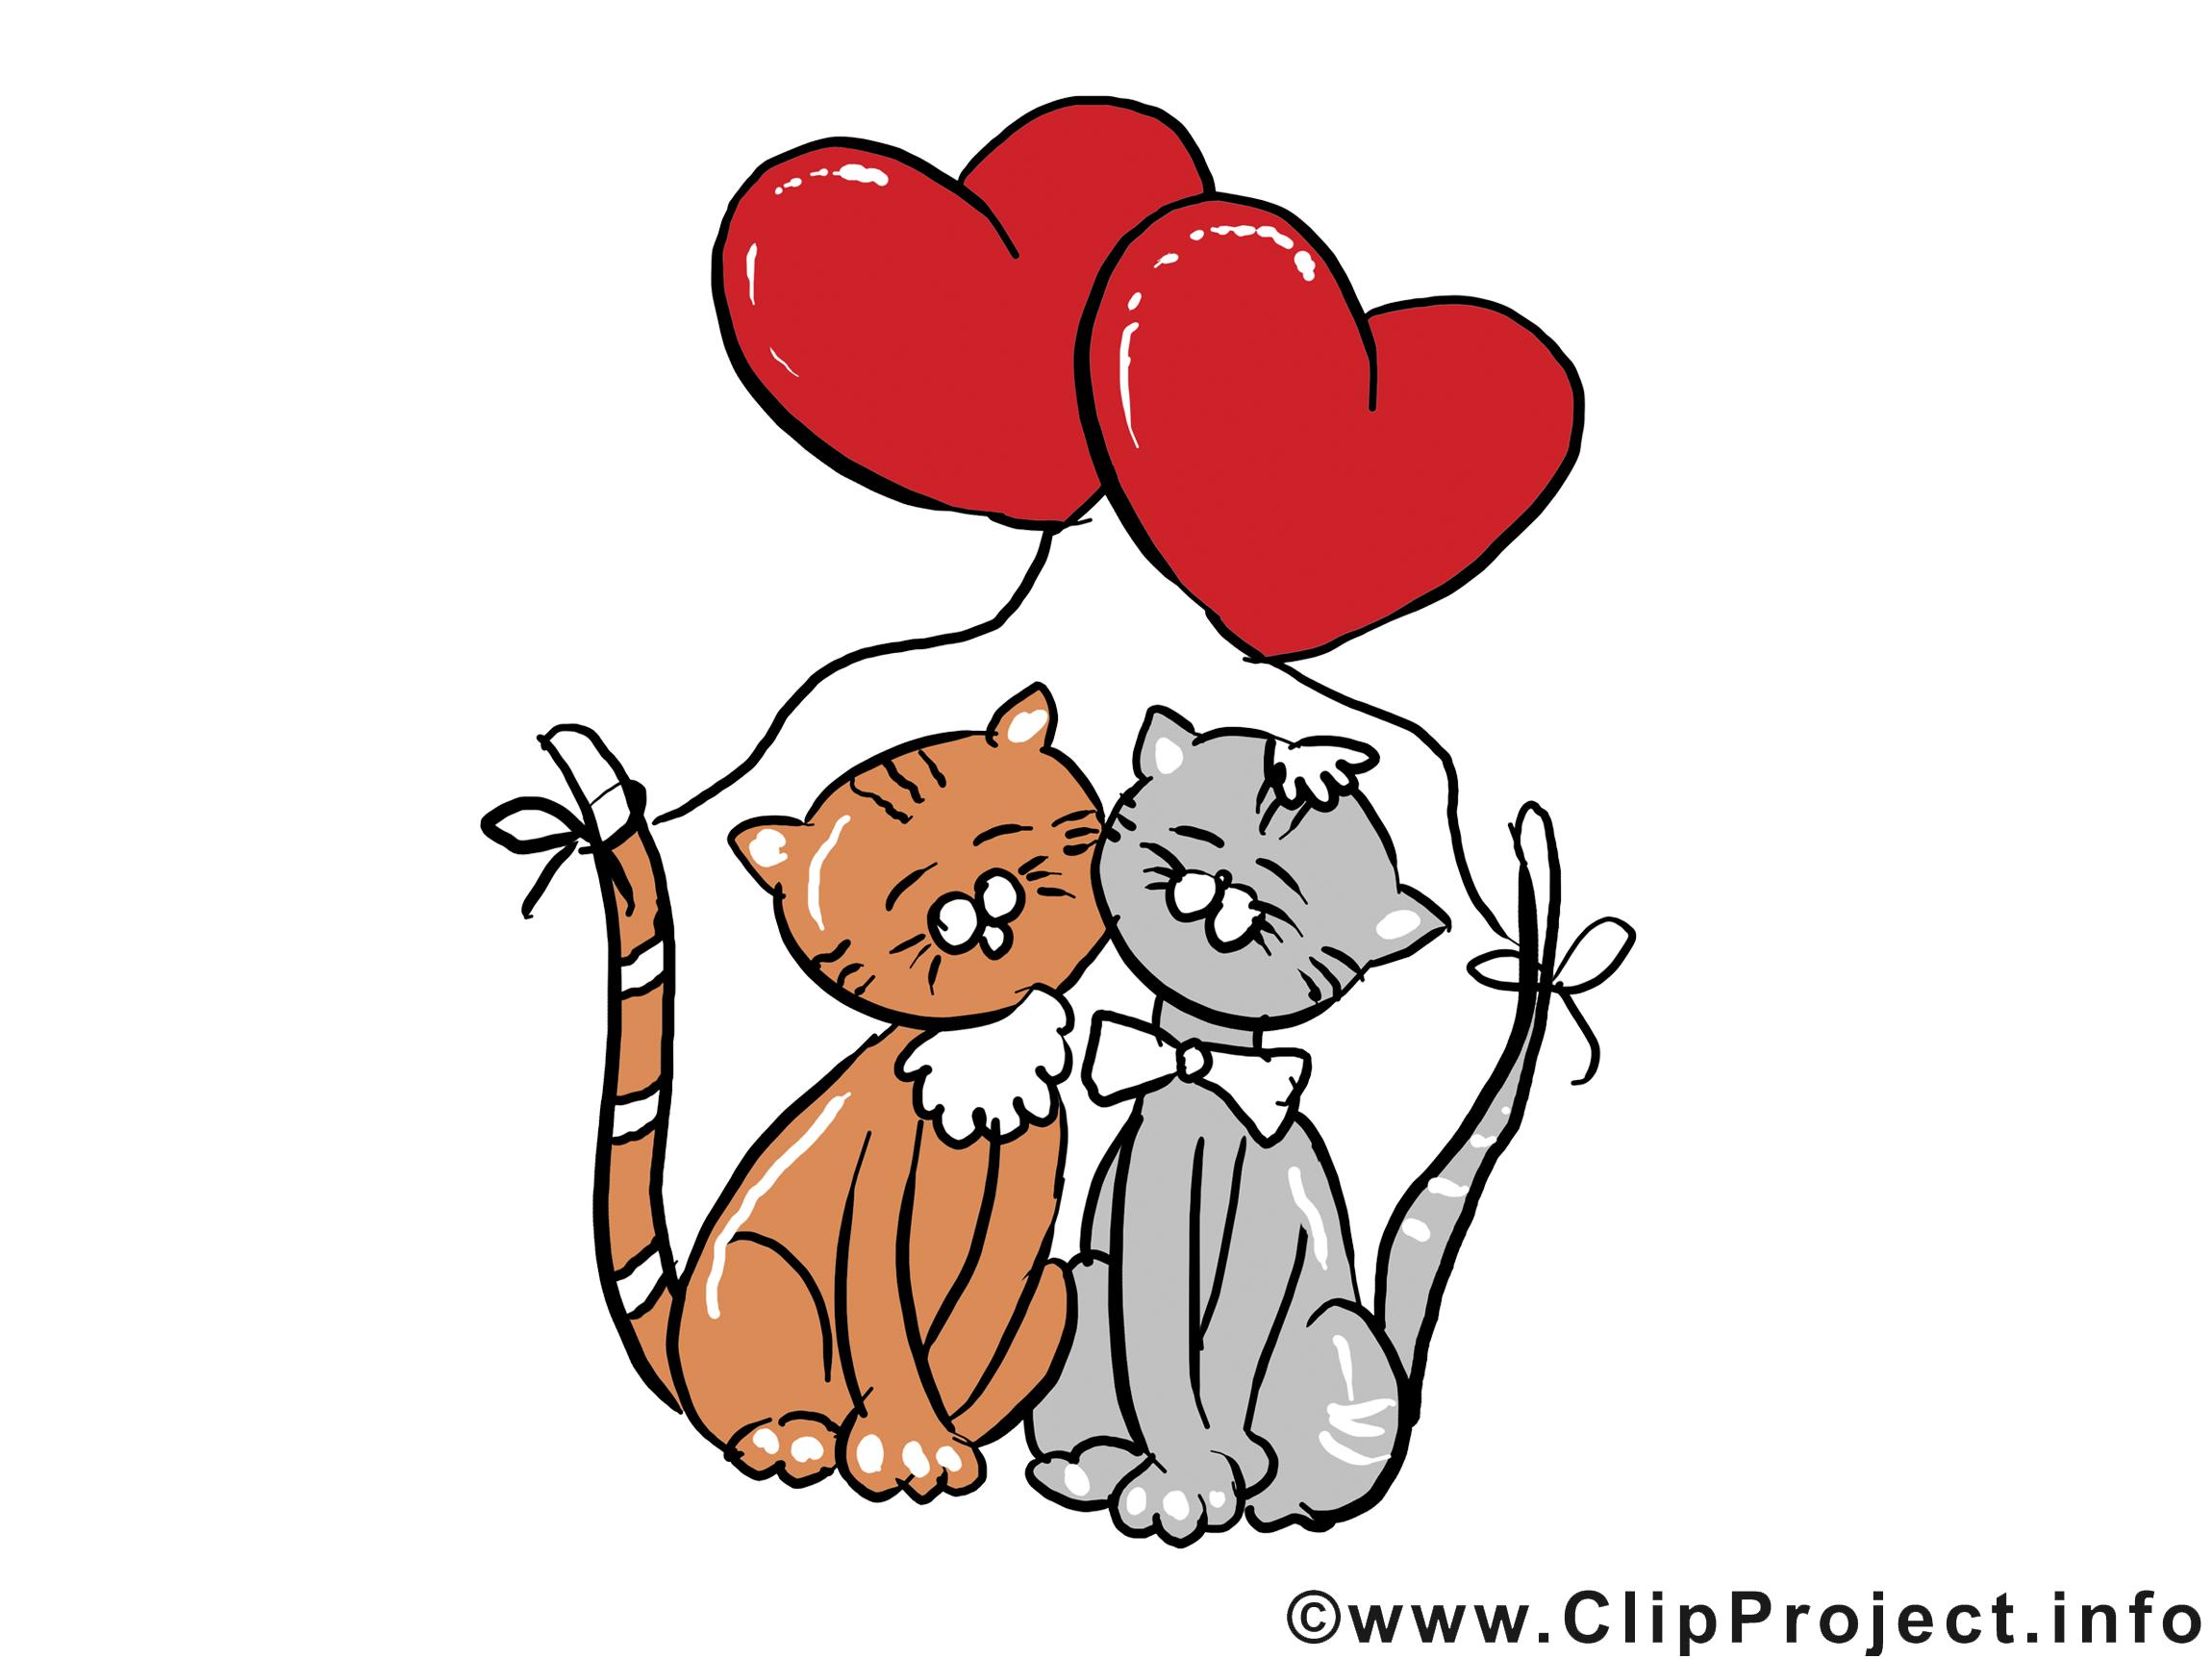 Chats jolie carte saint valentin images gratuites saint valentin cartes mariage dessin - Telecharger image de chat gratuit ...